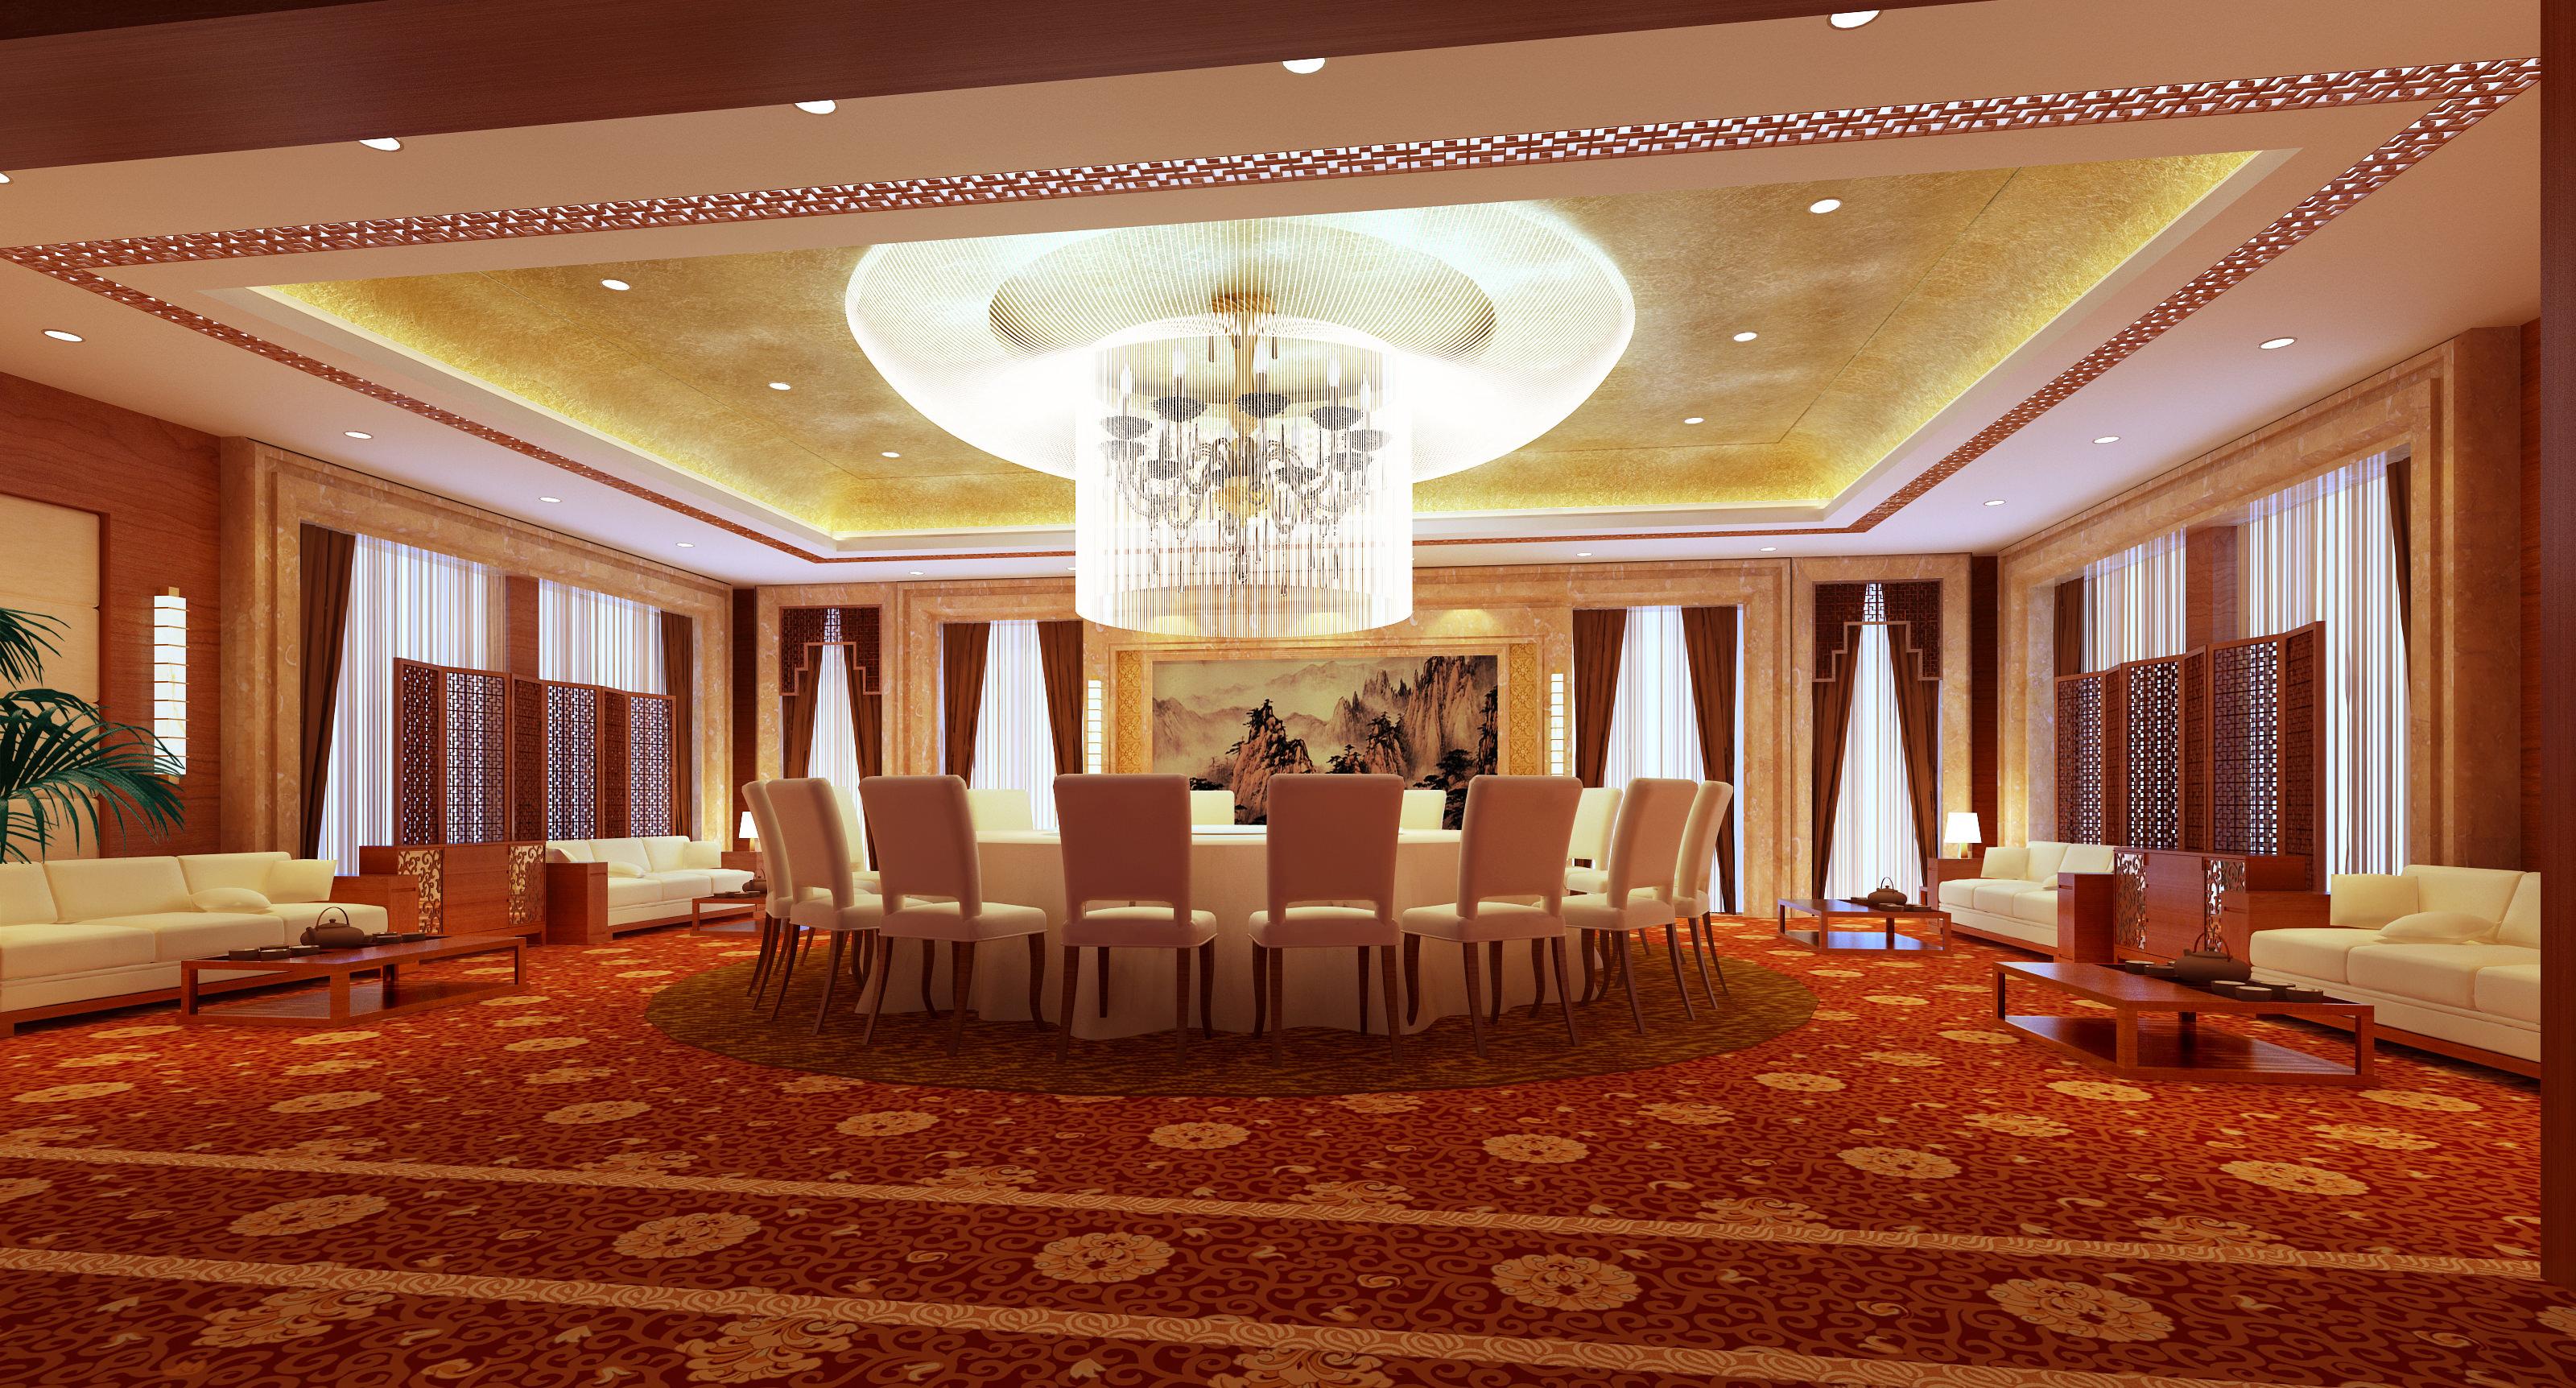 carpet restaurant design adorable design insider | ulster carpets